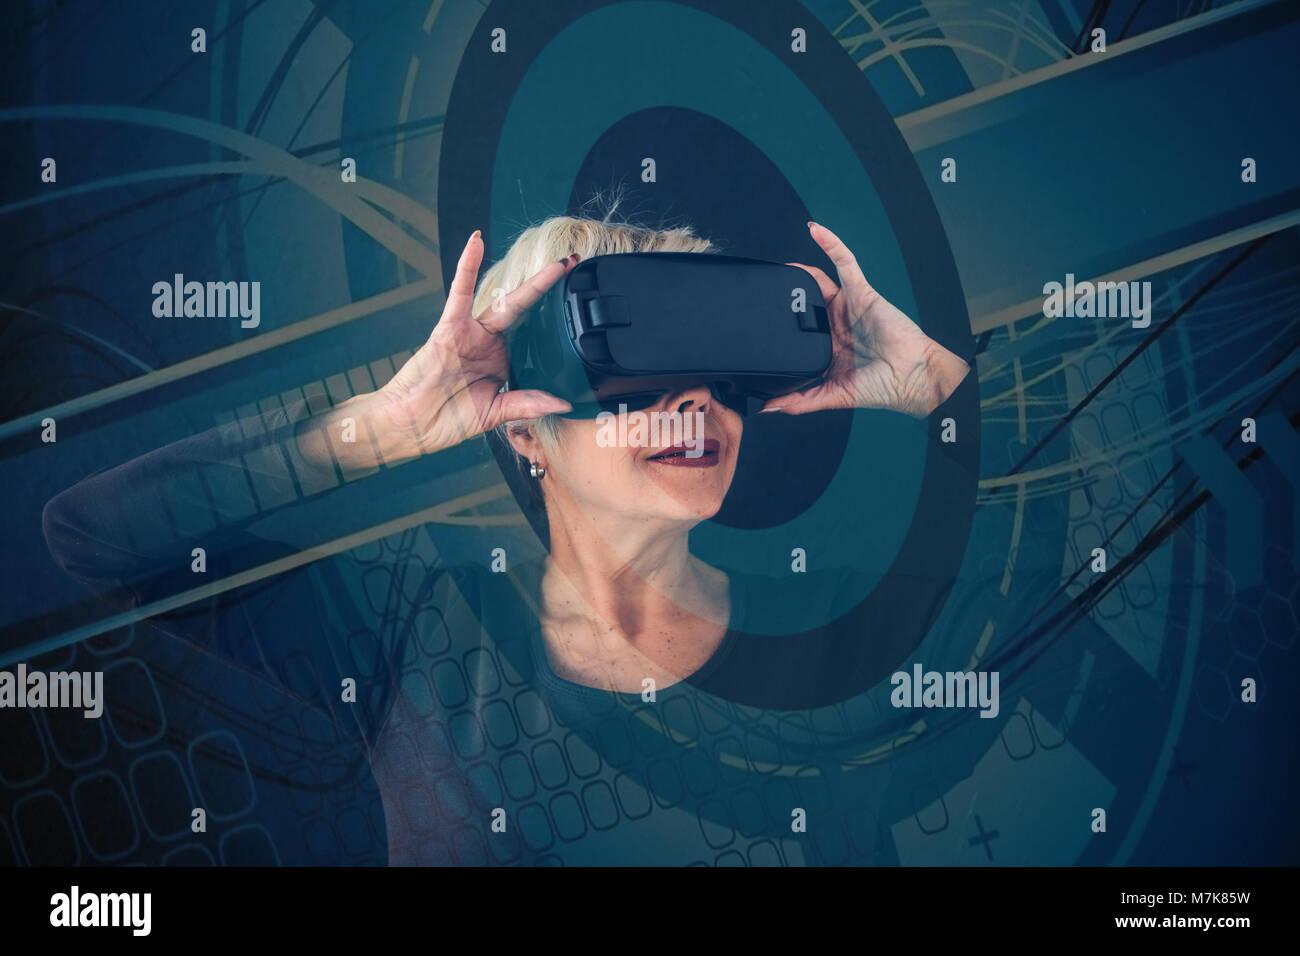 Una donna anziana in realtà virtuale occhiali. Con gli effetti visivi. Una persona anziana utilizzando la tecnologia Immagini Stock